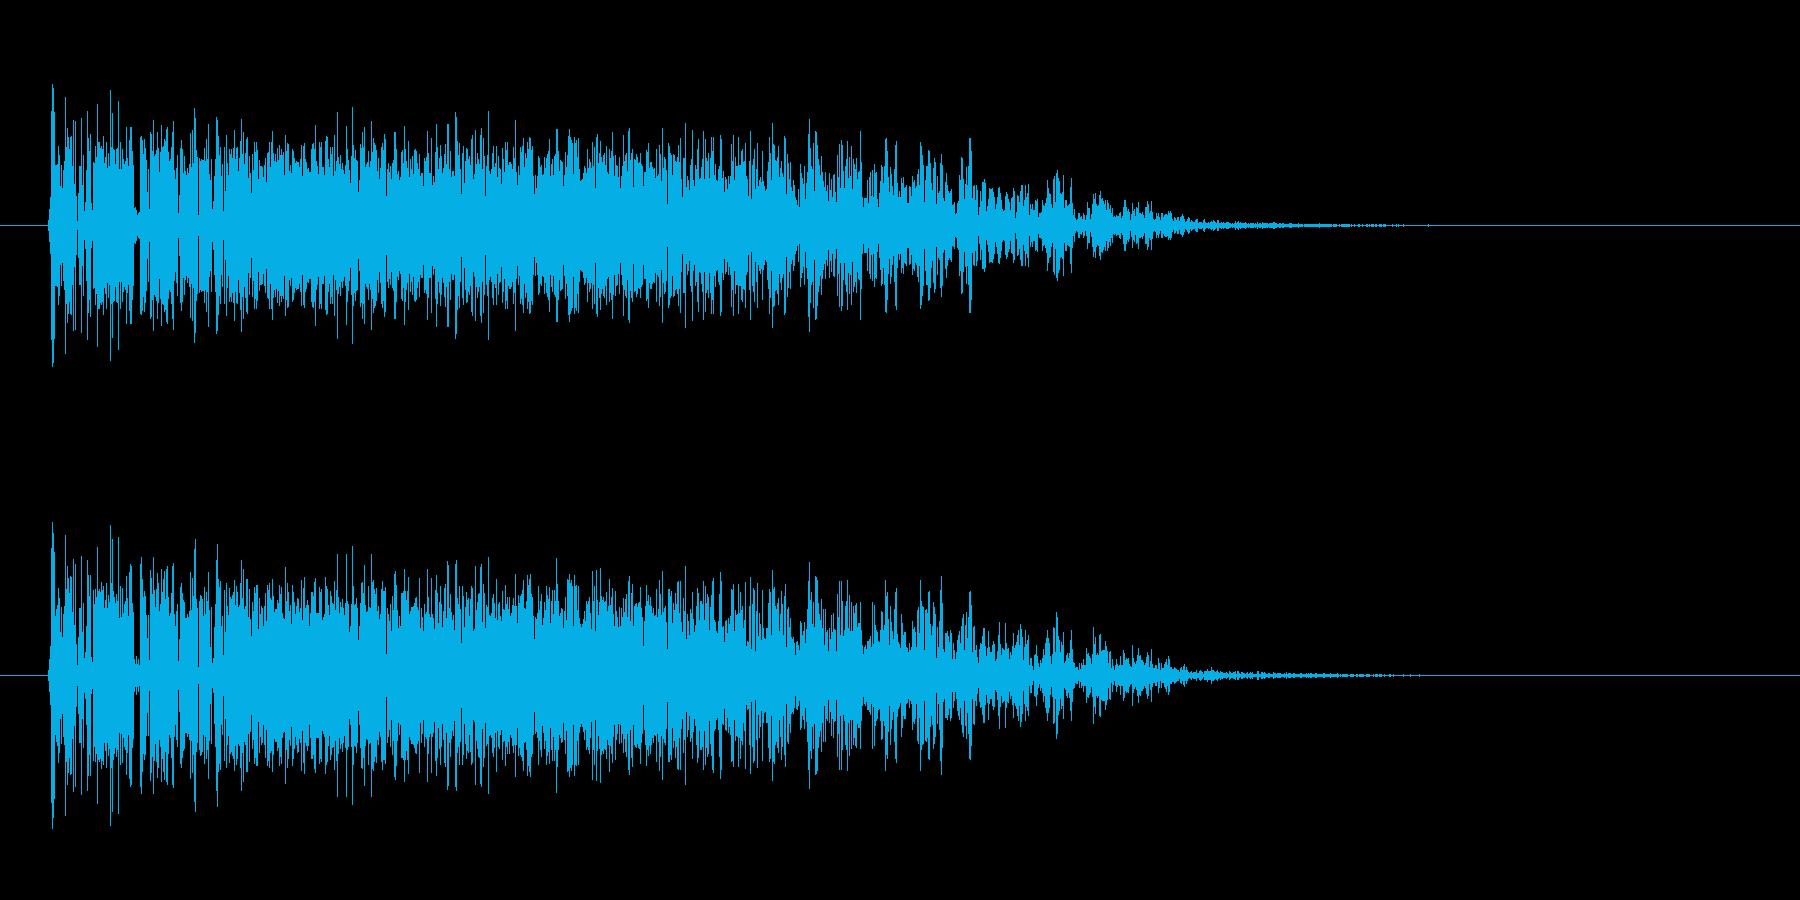 ジェットエンジンの発射音の再生済みの波形